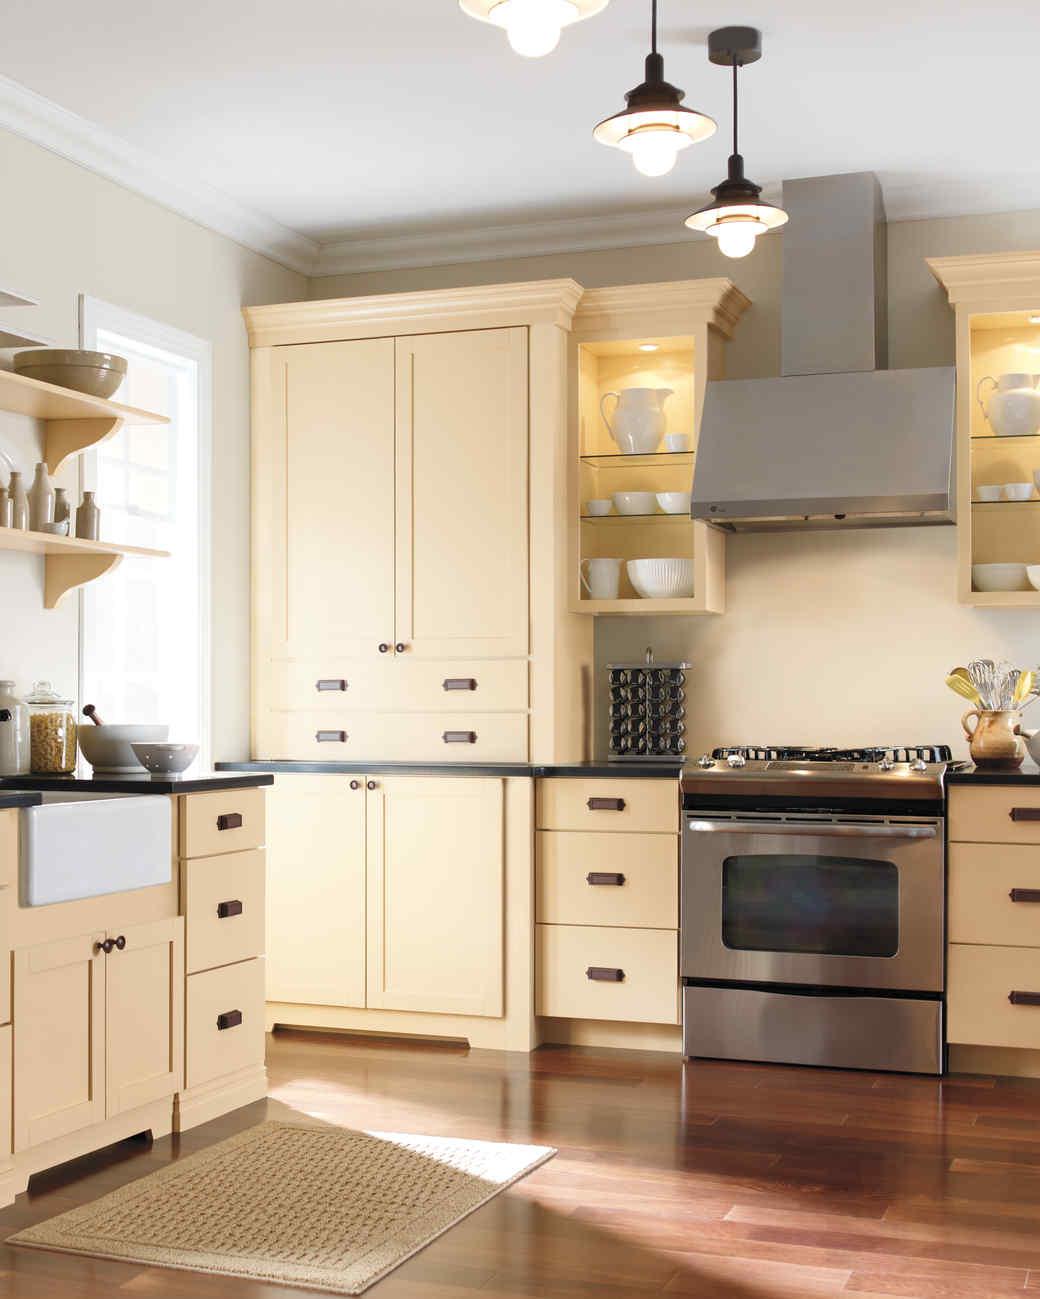 Martha Stewart Living Kitchen Designs From The